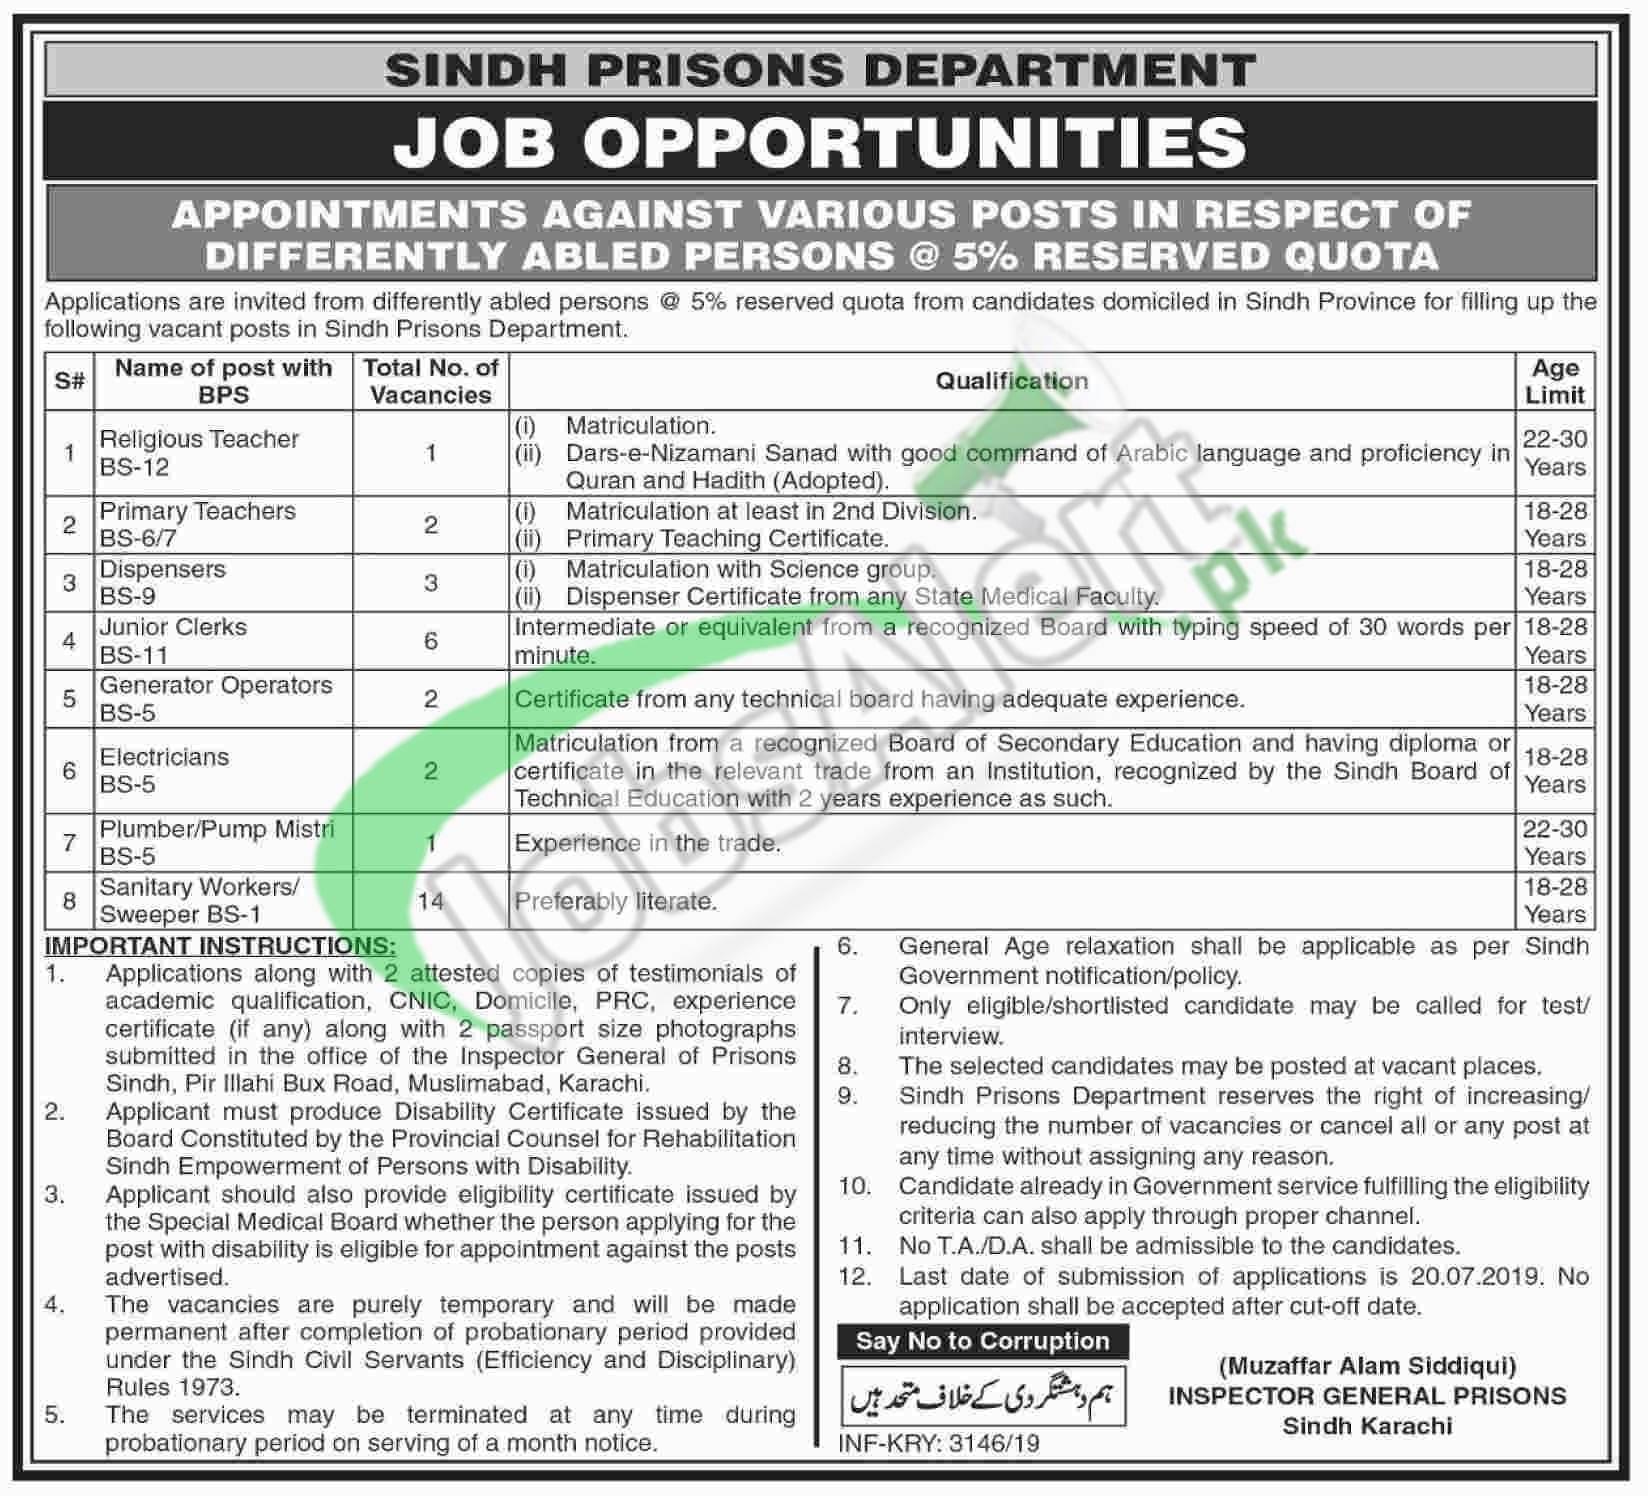 Sindh Prison Department Jobs 2019